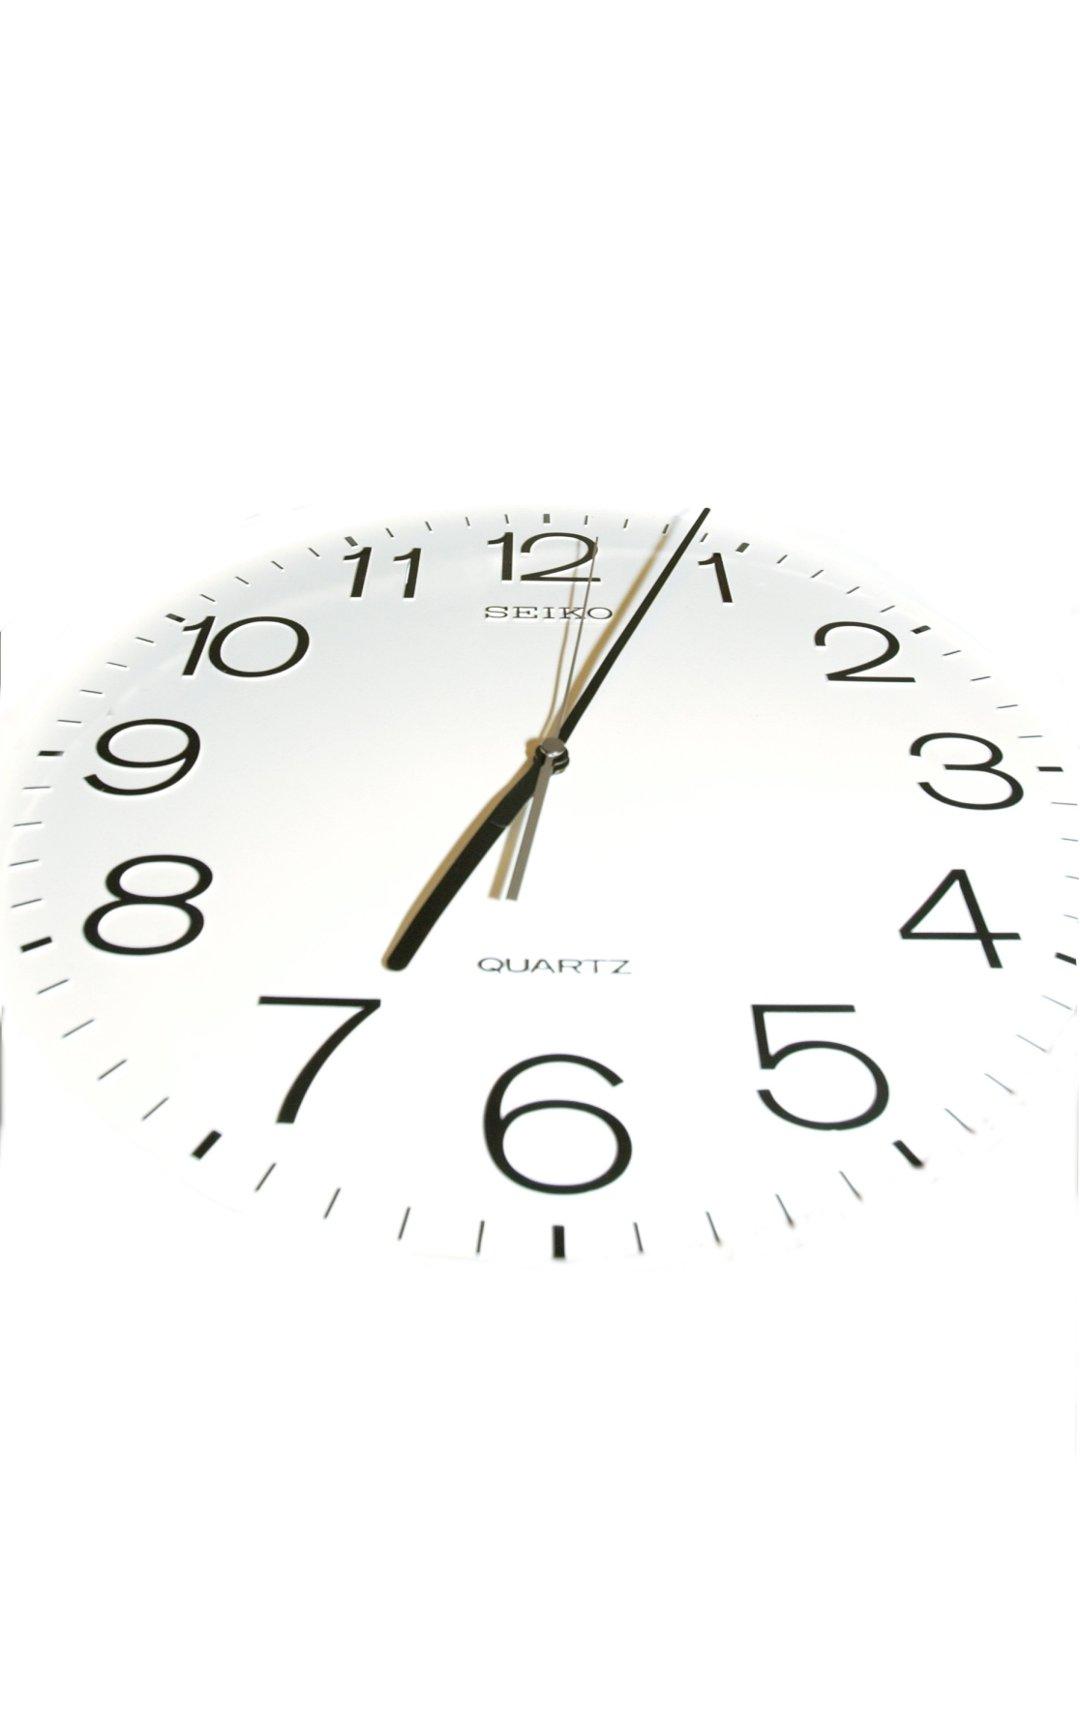 d806ce0d Østlendingen - Har du husket å stille klokka?